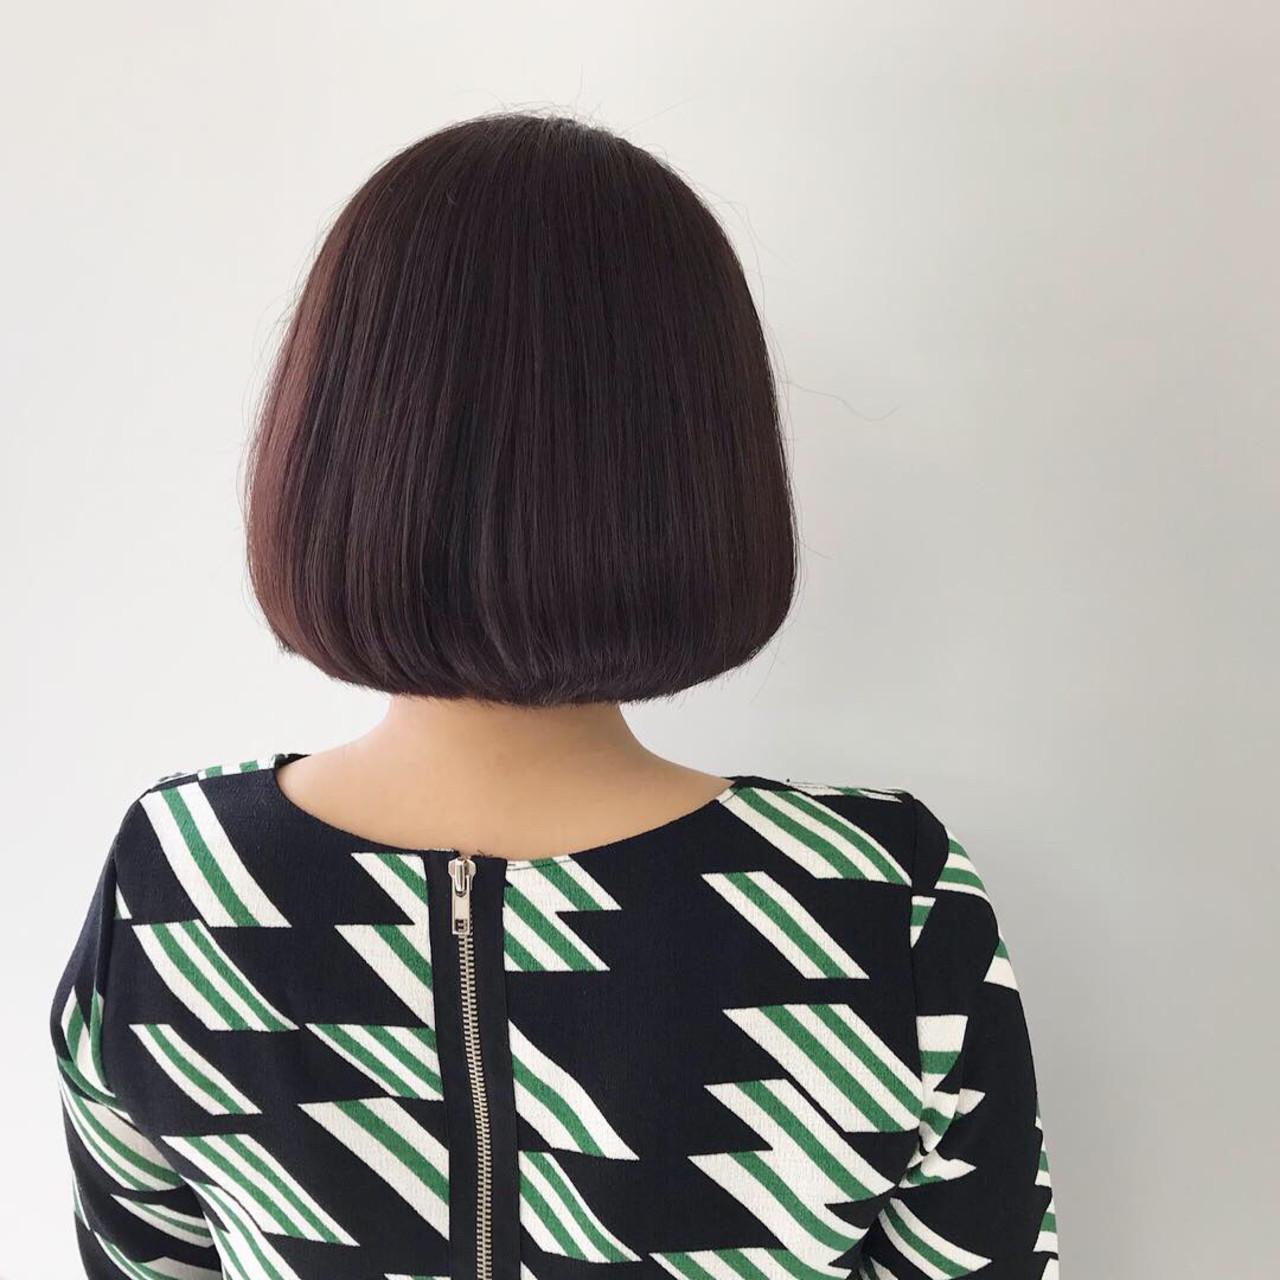 簡単ヘアアレンジ 切りっぱなしボブ ミニボブ ナチュラル ヘアスタイルや髪型の写真・画像 | 新谷 朋宏 / Free hairstylist shinya